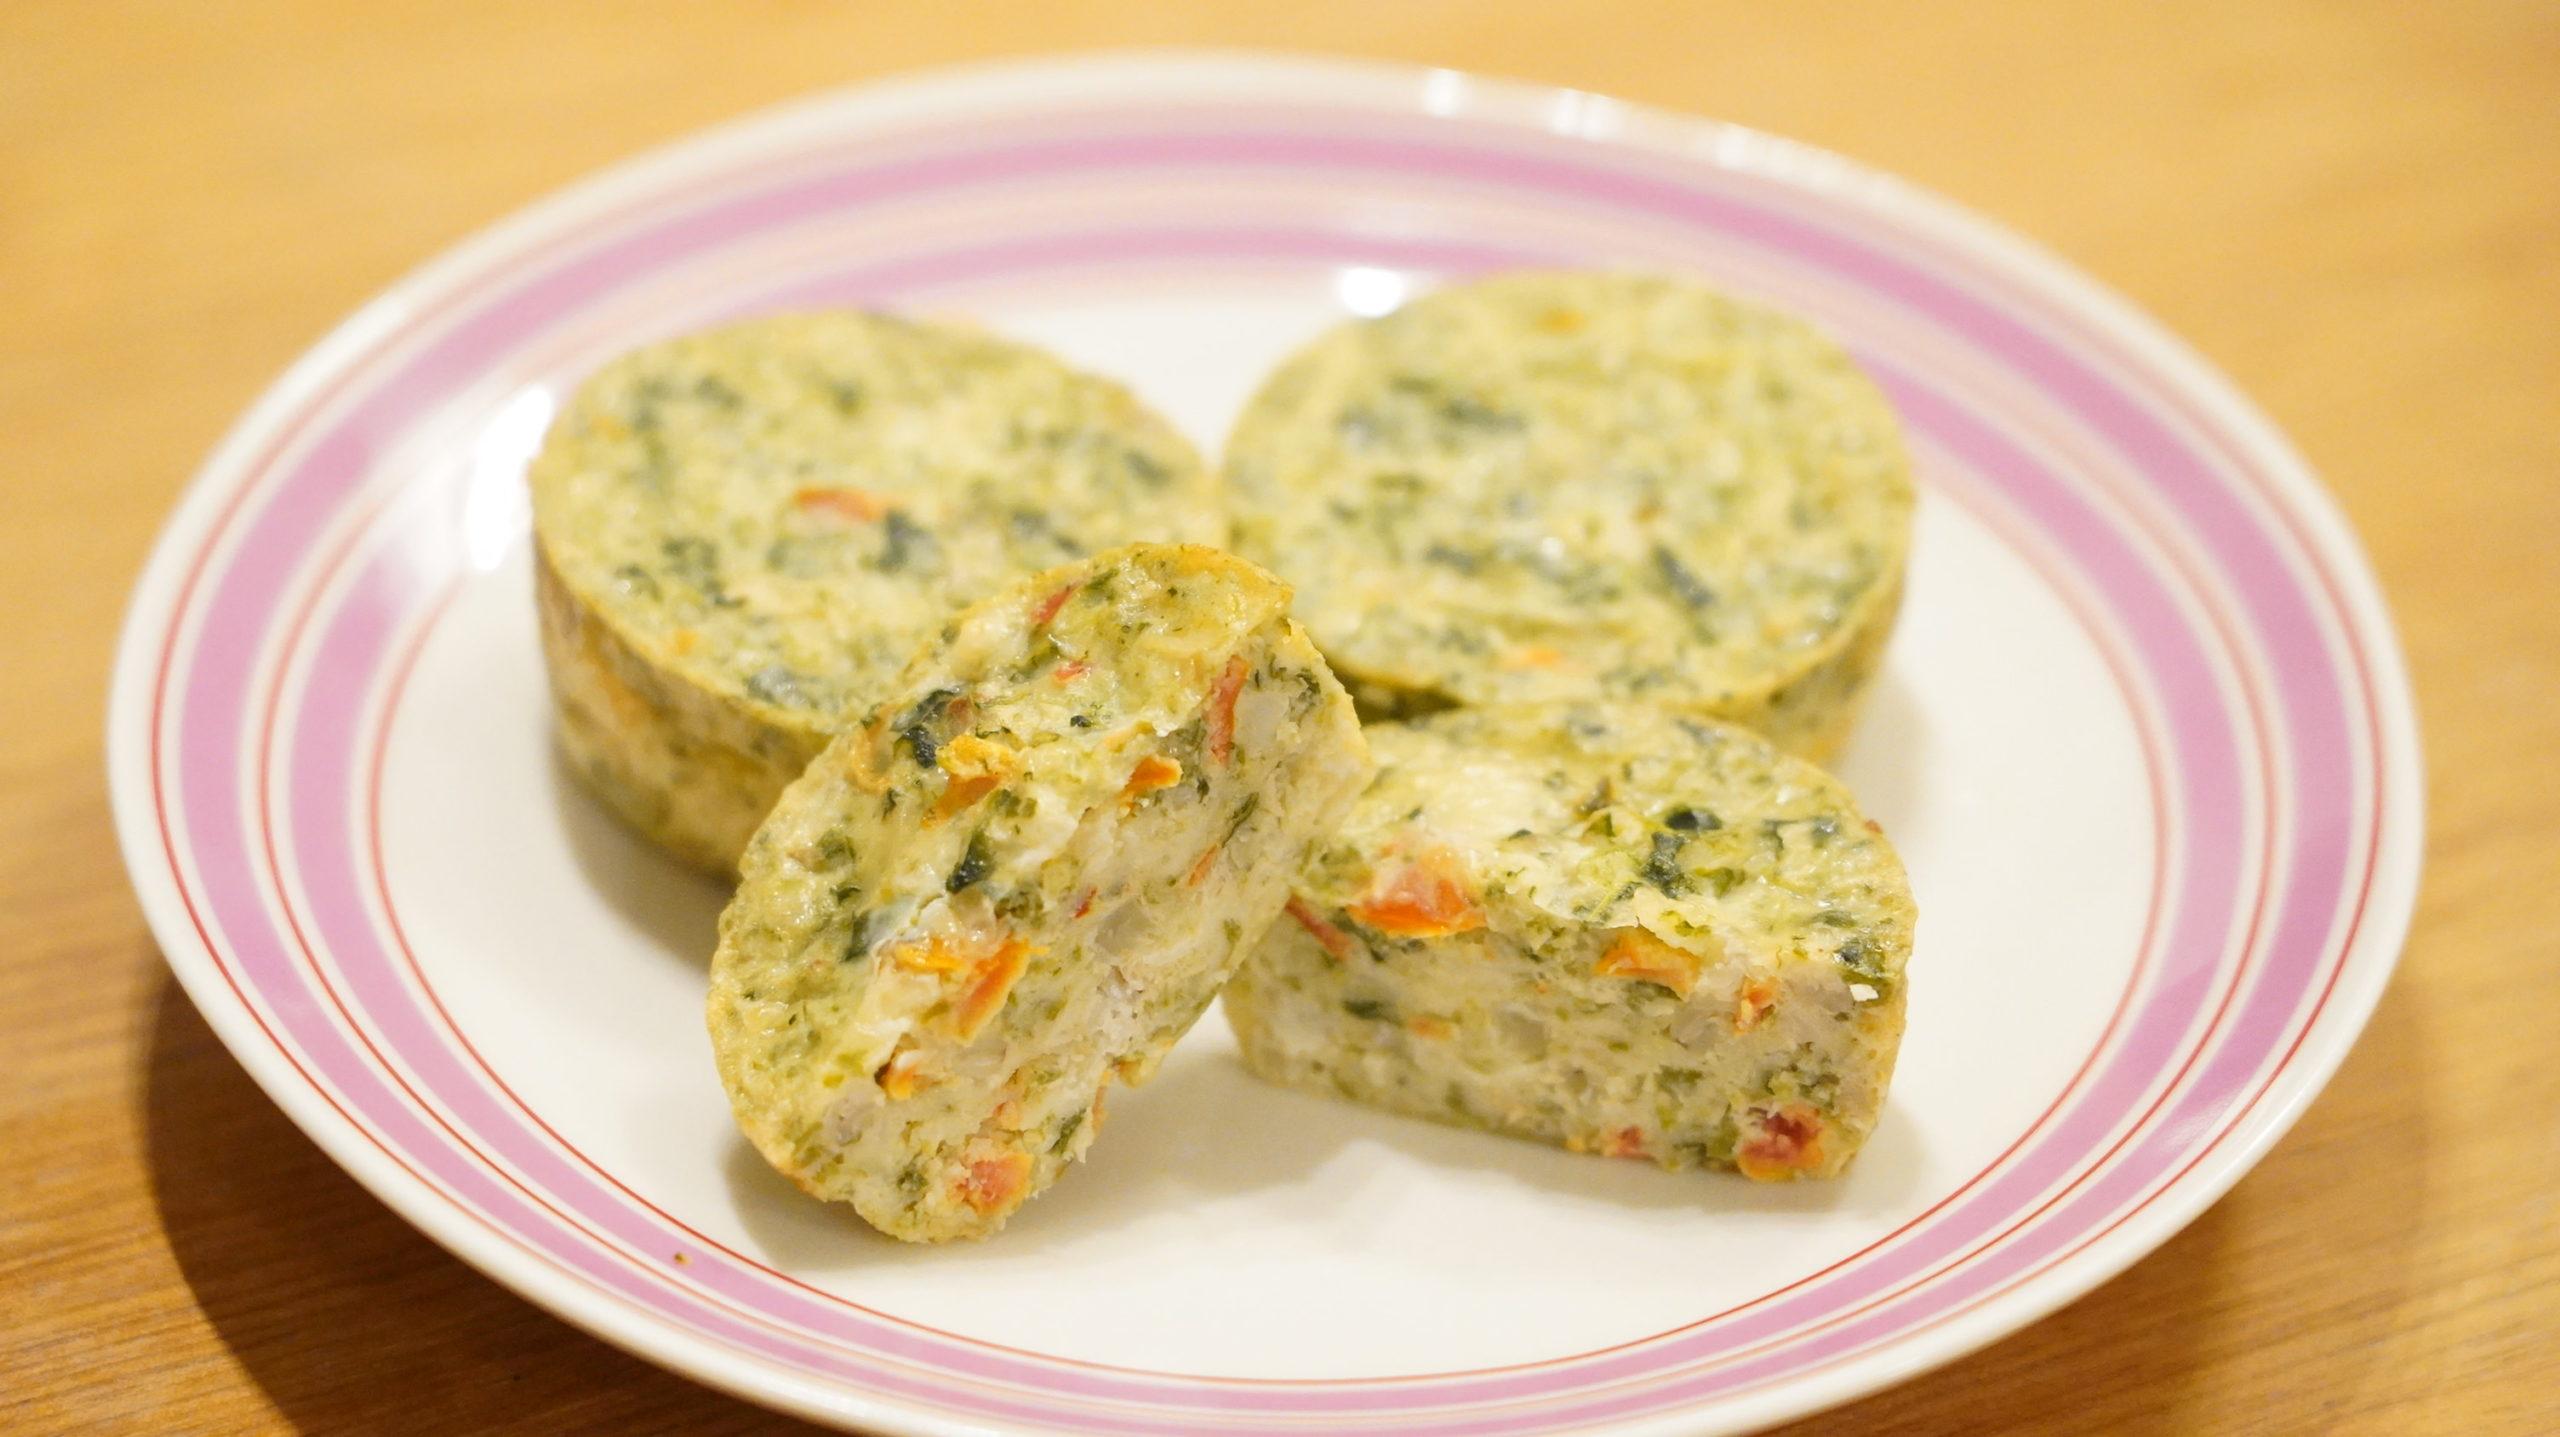 コストコの冷凍食品「ほうれん草のフリッタータ」の断面と皿に盛り付けた写真